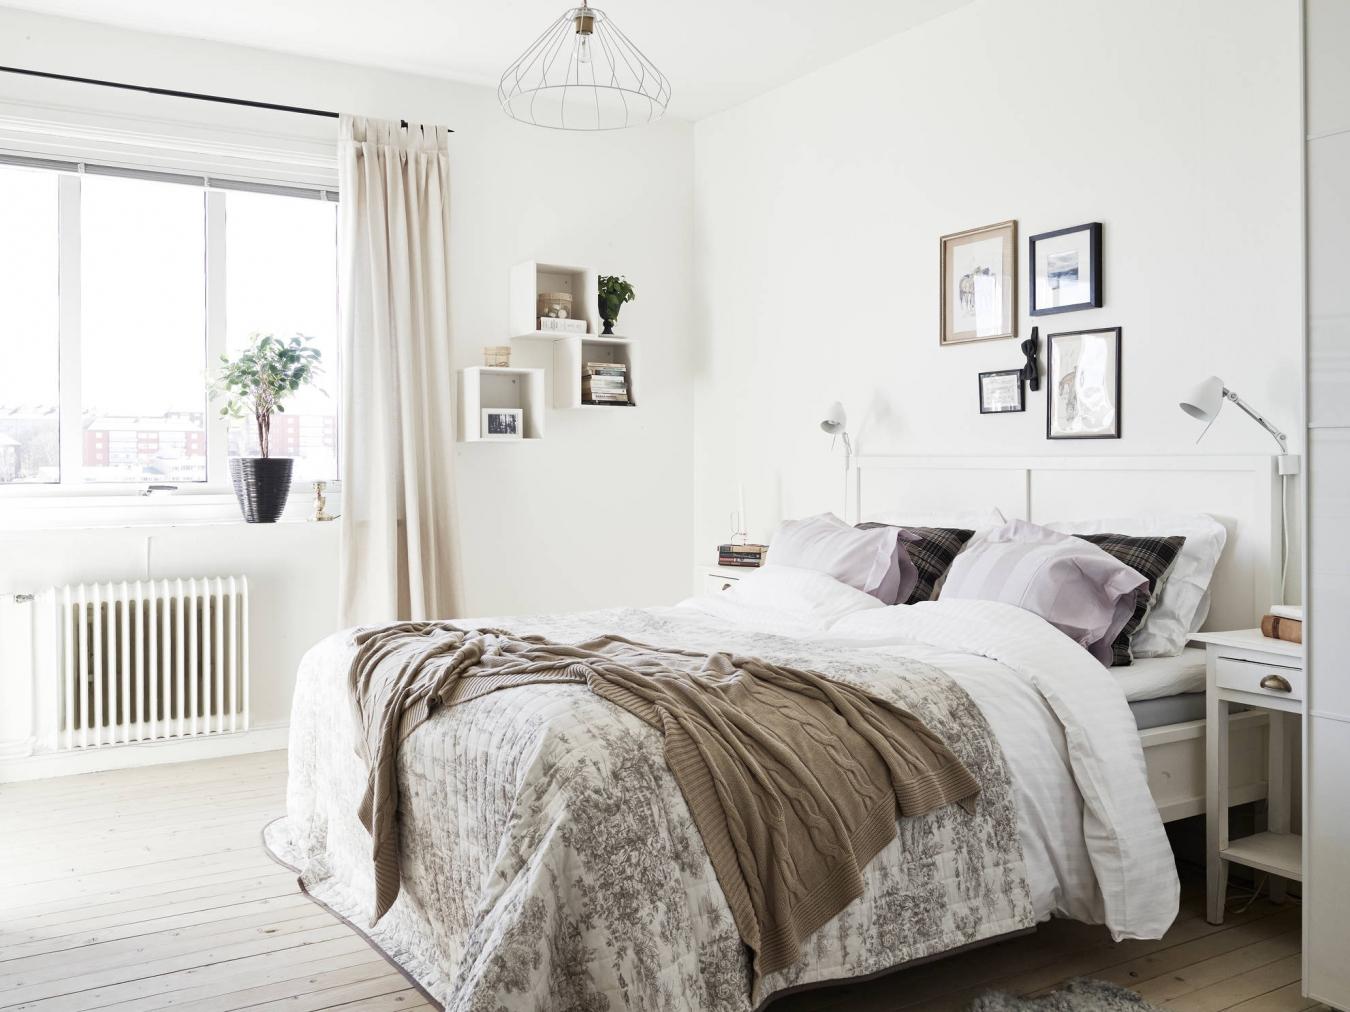 Дизайн спальни в скандинавском стиле - интересные цветовые сочетания, обустройство, фото идеи